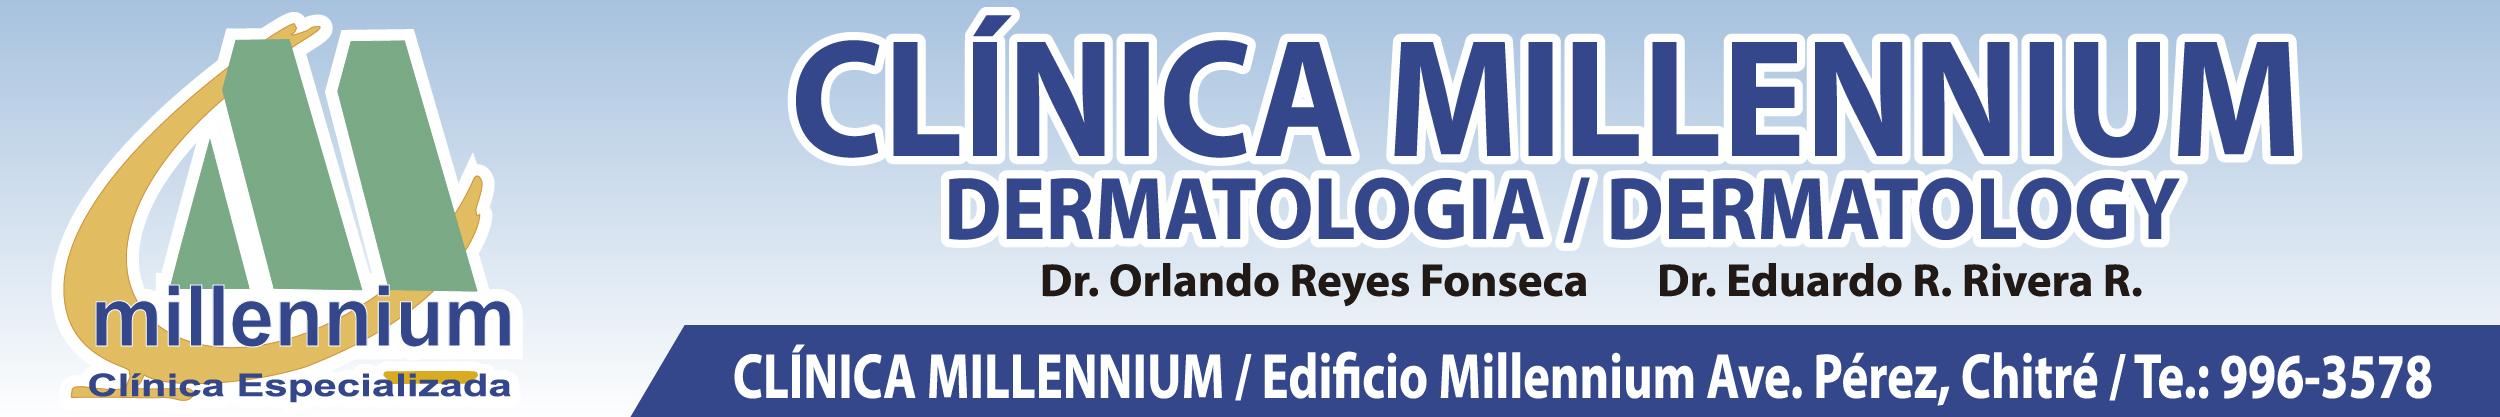 clinica-millenium-web-01